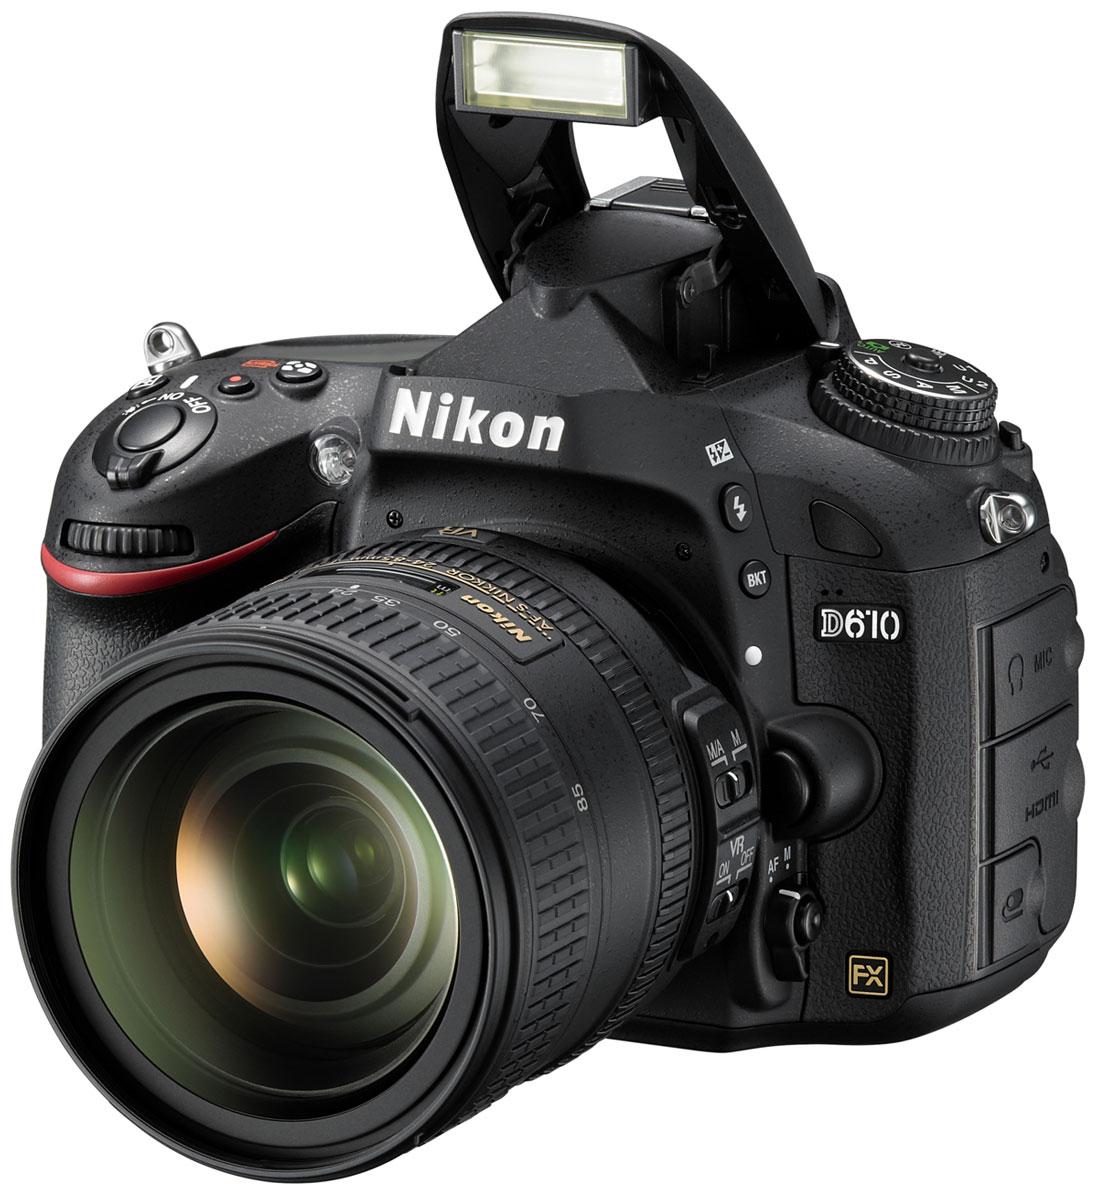 Nikon D610 Kit 24-85 цифровая зеркальная фотокамераVBA430K001Оцените все преимущества фотосъемки в полнокадровом режиме с фотокамерой Nikon D610. Благодаря поддержке профессиональных технологий Nikon эта мощная цифровая зеркальная фотокамера обеспечивает качество изображения, возможное только при использовании формата FX.24,3-мегапиксельная матрица формата FX запечатлевает все детали с реалистичной резкостью, что позволяет снимать изумительные фотографии с насыщенными цветами и создавать плавные видеоролики в формате Full HD. Вы можете запечатлеть движение со скоростью до шести кадров в секунду, а новый режим серийной съемки Режим серийной съемки «Тихий затвор» идеально подходит для съемки диких животных благодаря существенному снижению шума от работы механизма возврата зеркала фотокамеры во время серийной съемки, что позволяет незаметно приблизиться к объекту съемки.Снимайте изображения с низким уровнем шума и широким диапазоном тонов в условиях большого контраста между яркими и темными участками. Значения чувствительности 100-6400 единиц ISO, которые можно увеличить до эквивалента 25 600 единиц, позволяют получить изображения с высокой детализацией и минимальным уровнем шума даже при съемке в условиях недостаточного освещения.Наслаждайтесь исключительным «захватом» объекта с помощью 39-точечной системы АФ с модулем датчика автофокусировки Multi-CAM4800. Фотокамера D610 совместима с объективами с комбинированной диафрагмой до f/8, что в сочетании с чувствительностью до -1 EV позволяет делать резкие снимки даже при свете полной луны. Система обработки изображений EXPEED 3 с 14-разрядным аналого-цифровым преобразованием и 16-разрядной обработкой изображений помогает получить великолепные цветовые оттенки.Матрица фотокамеры и ее 2016-пиксельный датчик RGB предоставляют точные данные системе распознавания сюжетов, которая оптимизирует экспозицию, автофокусировку и баланс белого непосредственно перед нажатием кнопки затвора для получения четких изображений. С помощью ре